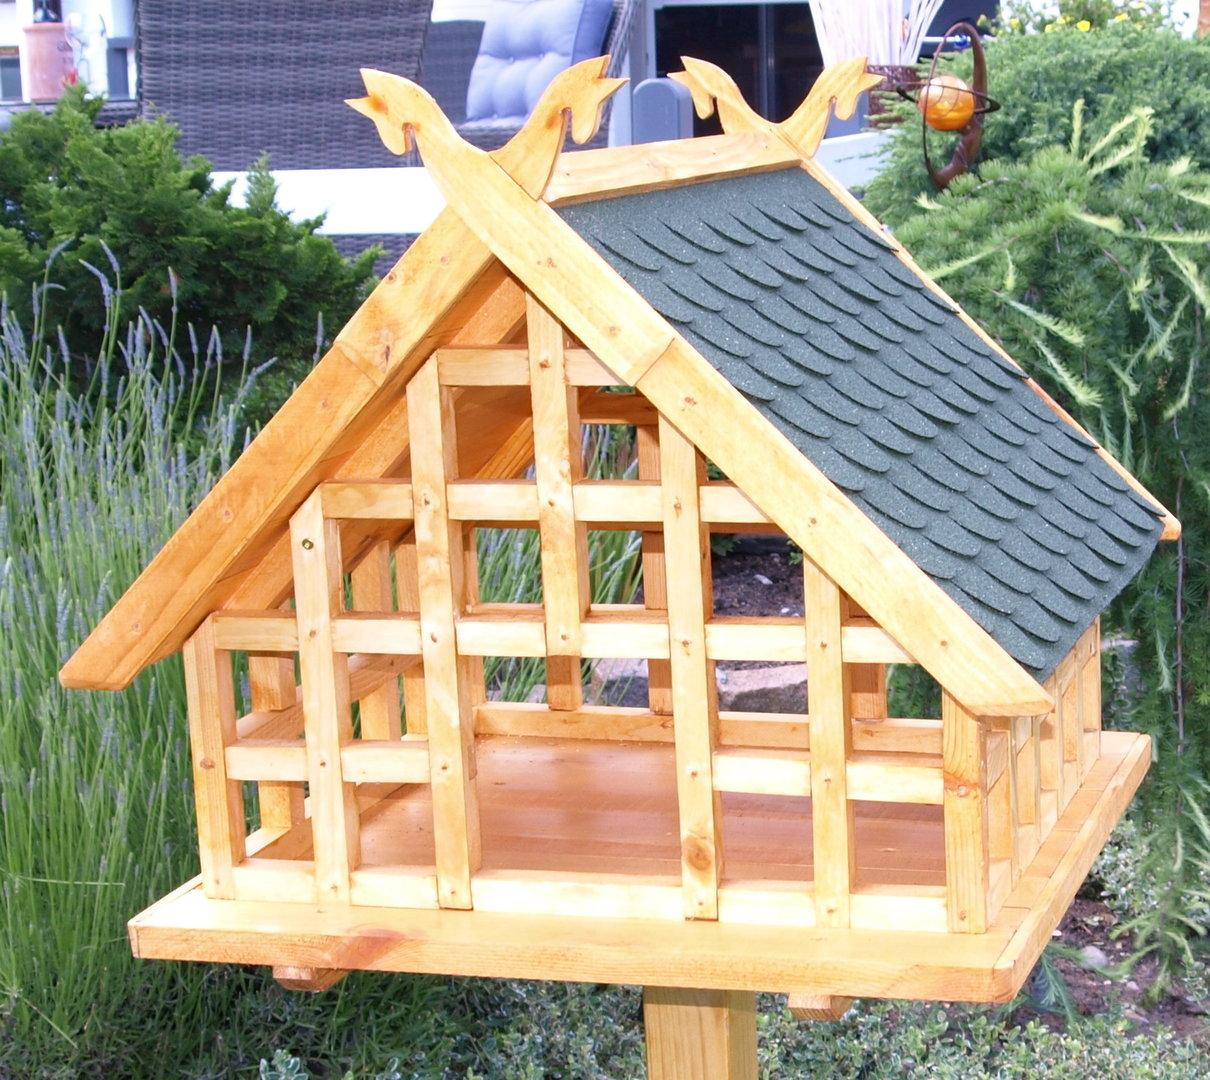 xxl niedersachsen fachwerk vogelhaus mit pferdek pfen als. Black Bedroom Furniture Sets. Home Design Ideas